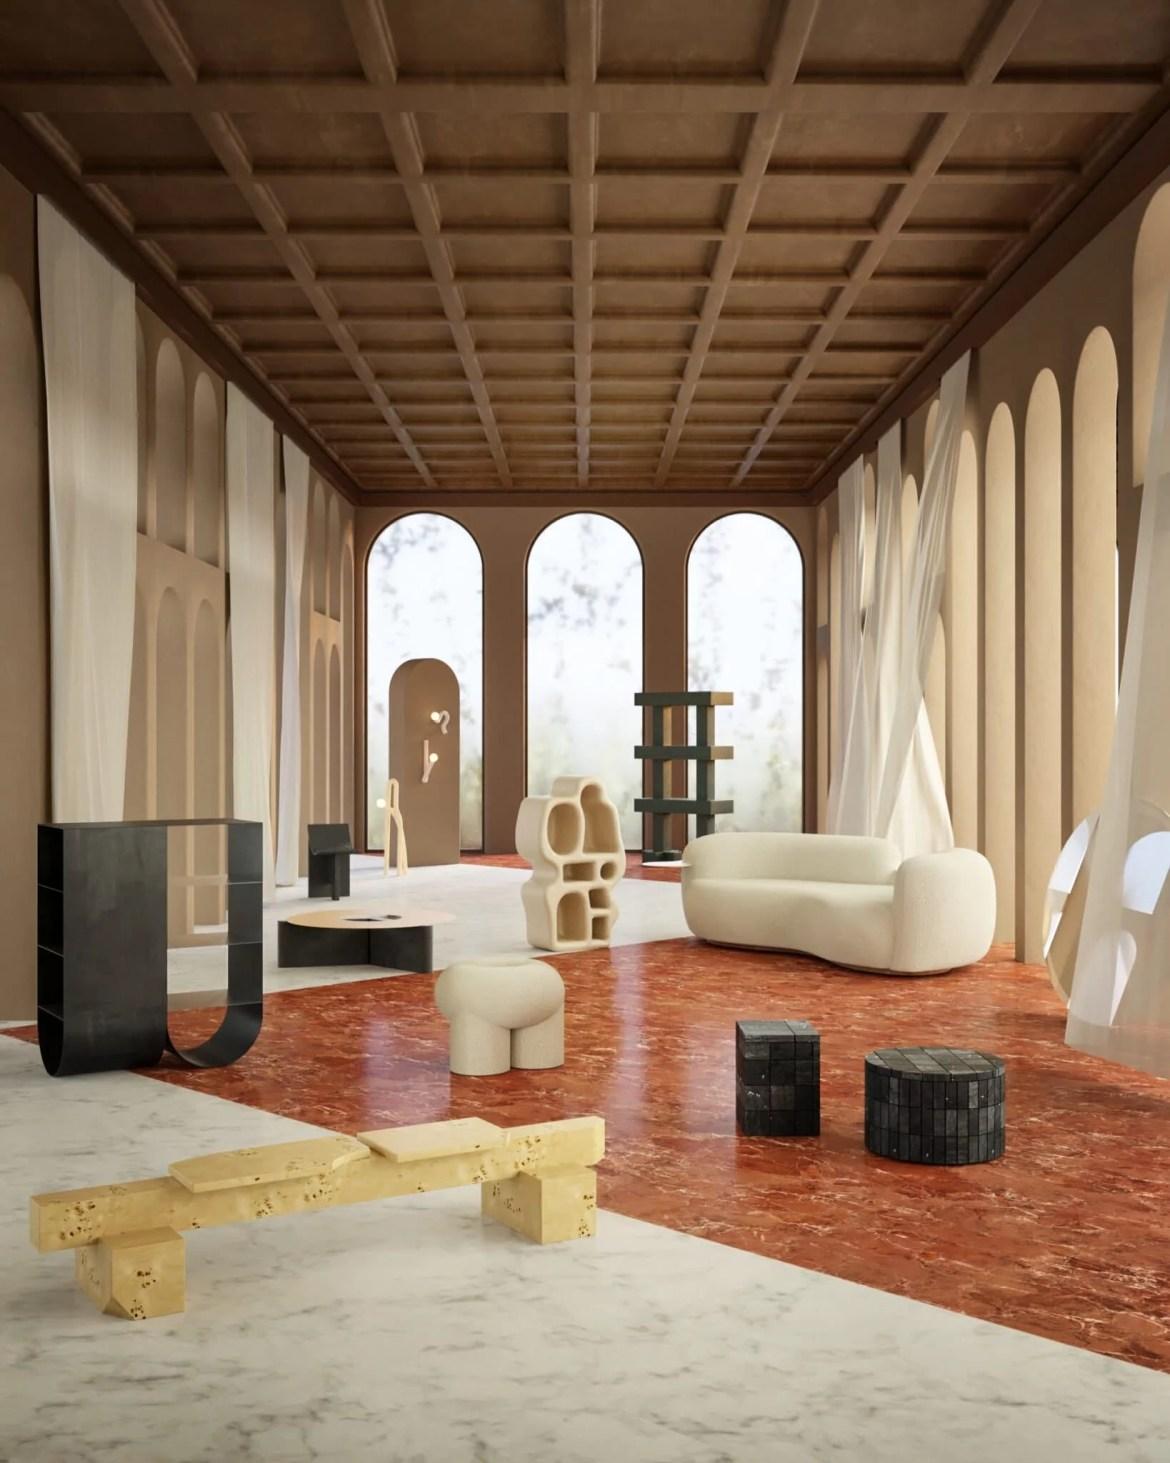 Movimento Club, design collective, design scene